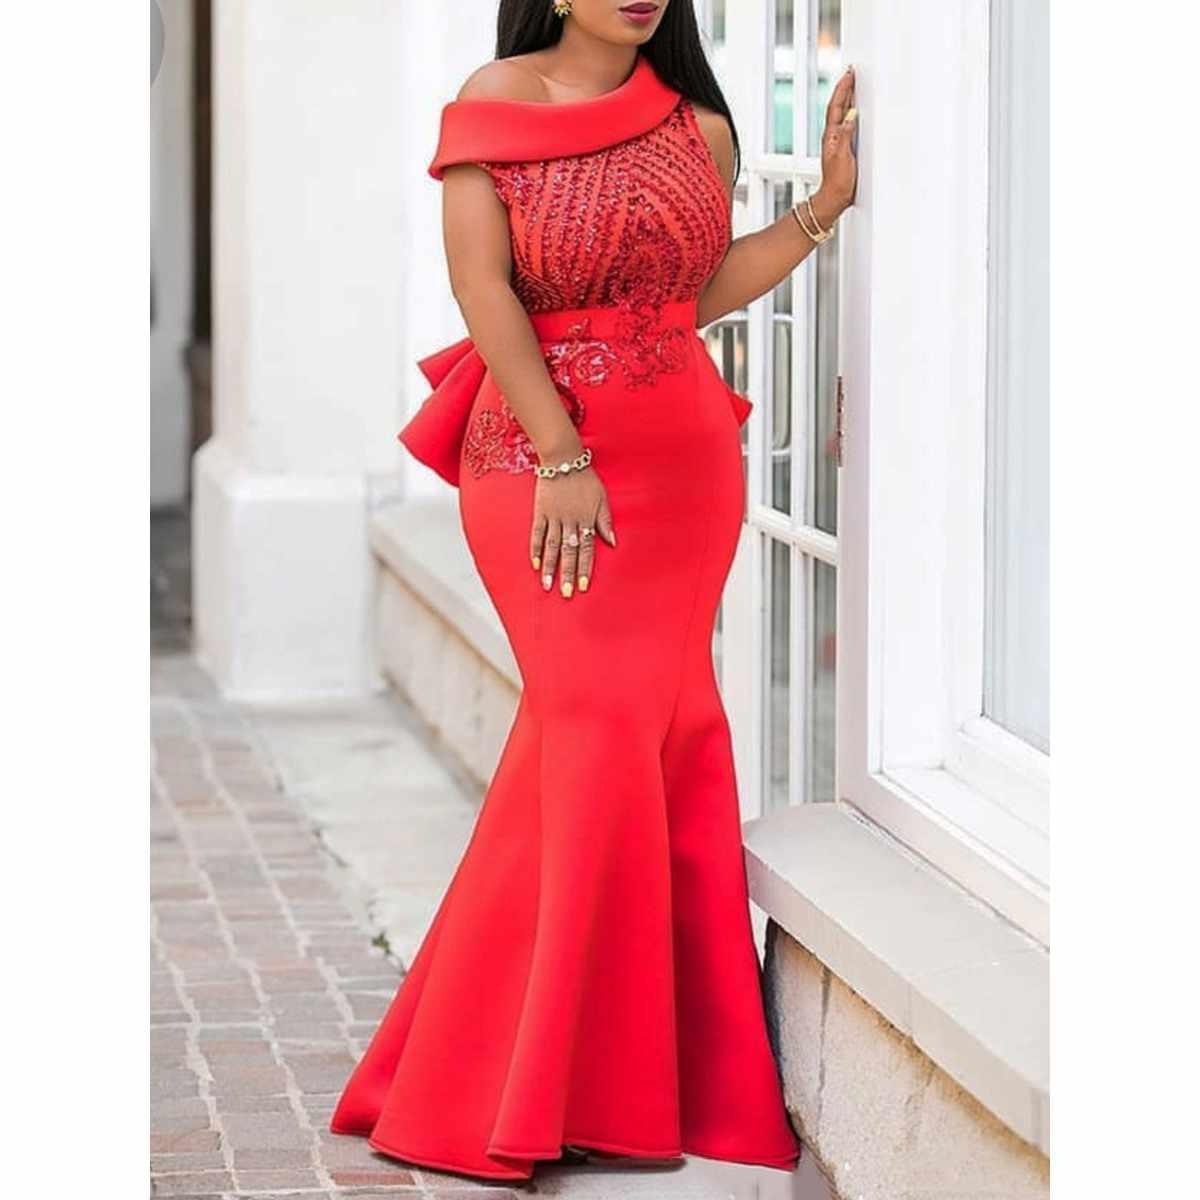 Блестки Bodycon Труба вечерние платья женские элегантные тонкие оборки рождественские дамские вечерние Красные сексуальные макси платья